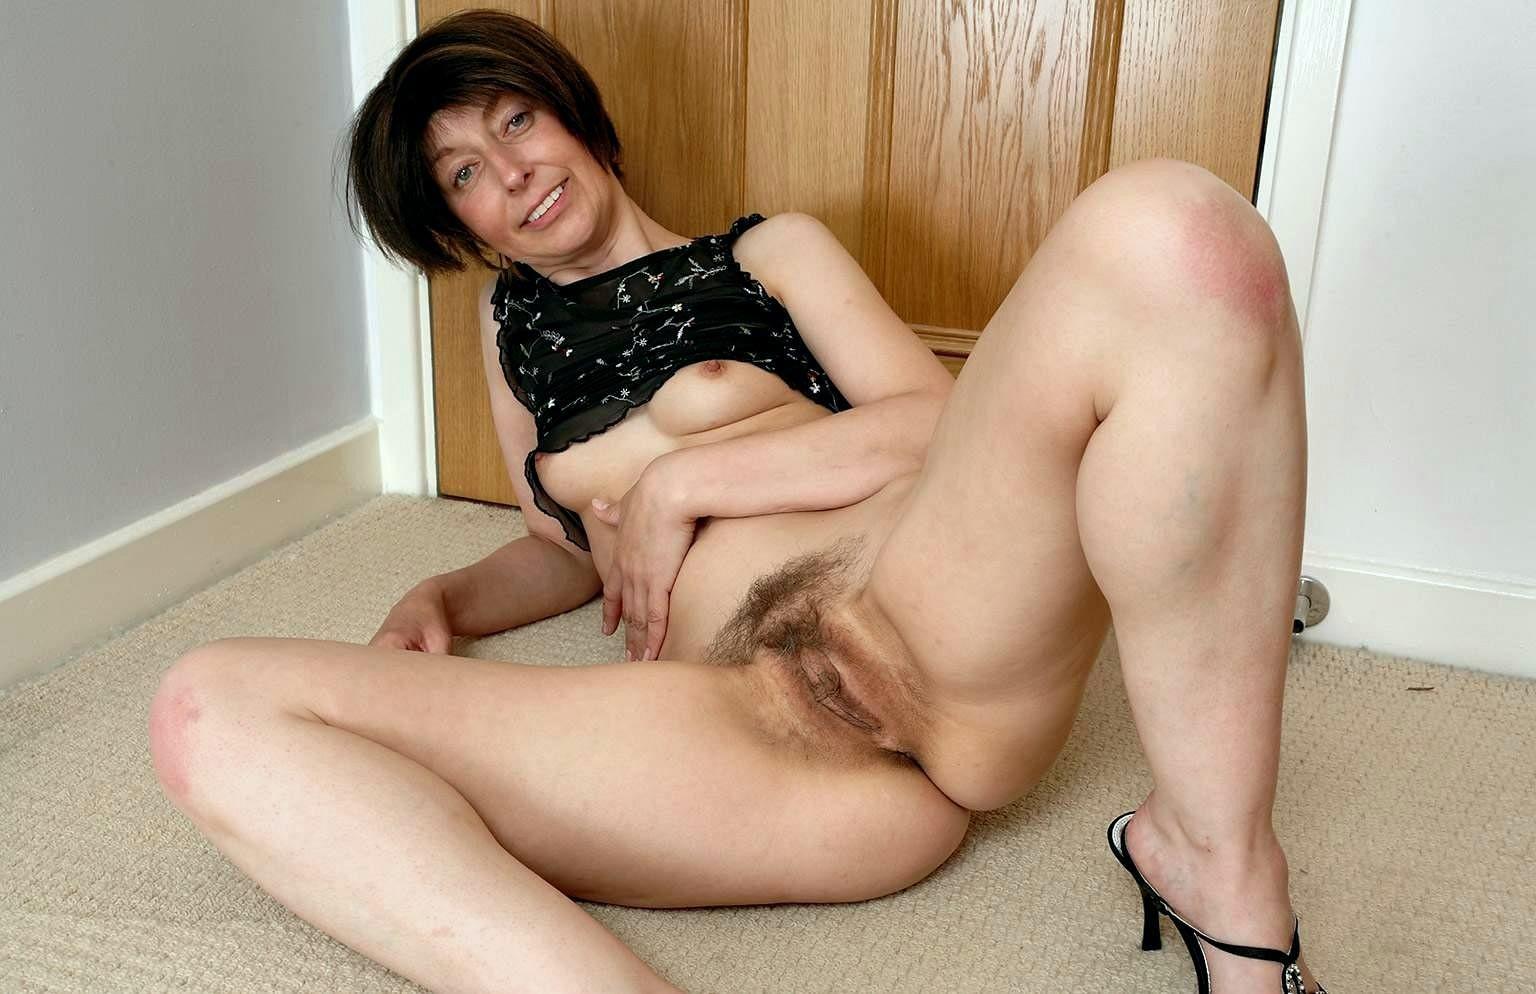 Смотреть порно секс с волосатыми небритыми женщинами женщины этой